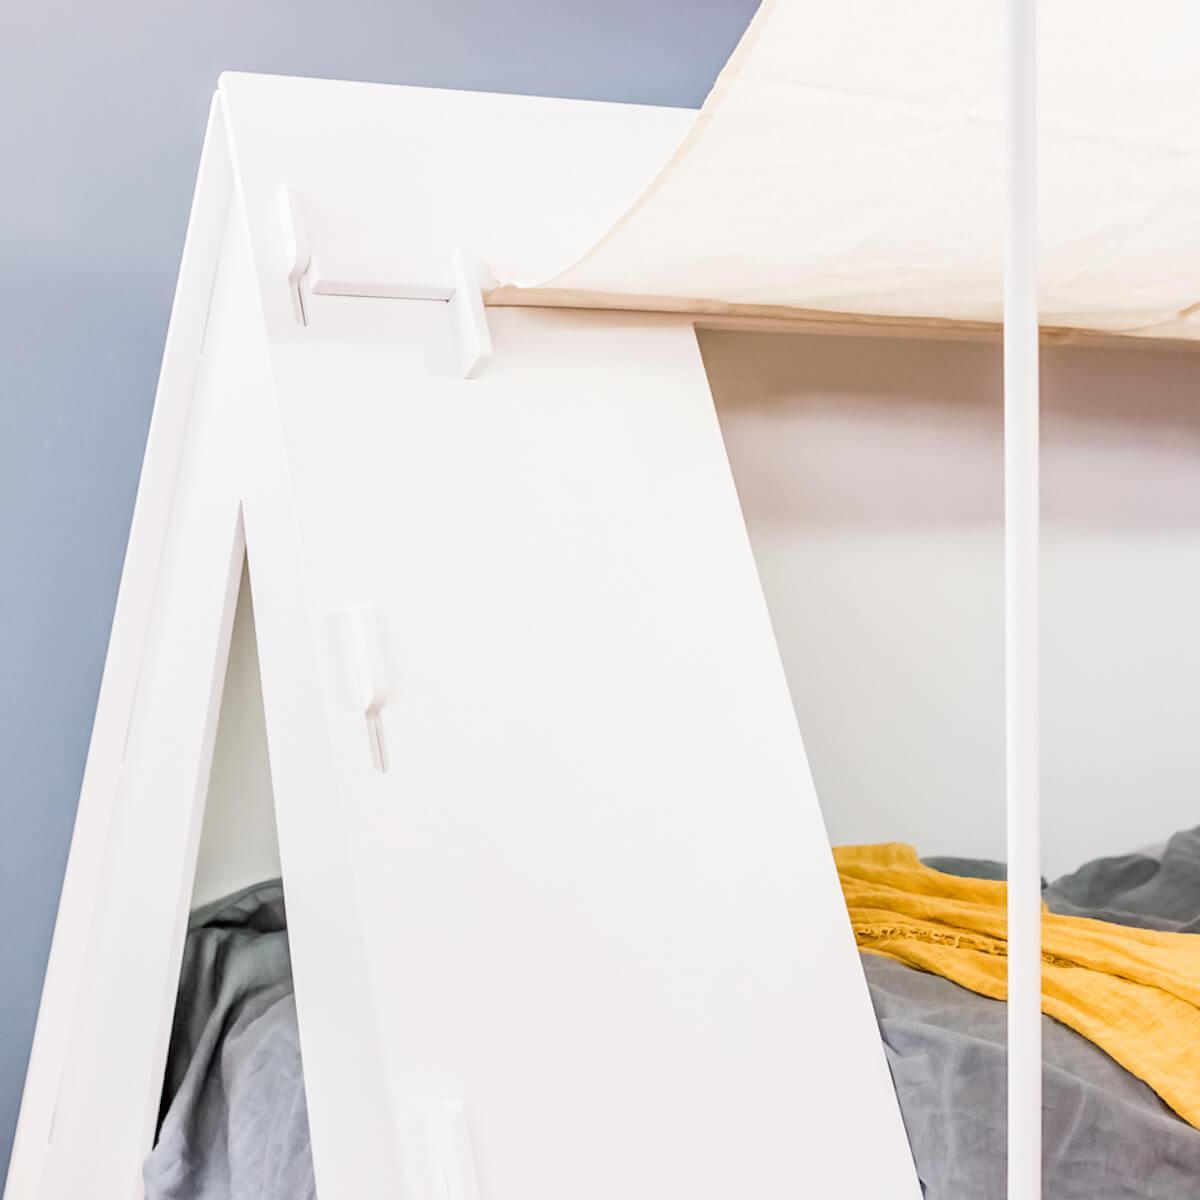 Lit bas-tiroir 90x200cm TENTE Mathy by Bols blanc